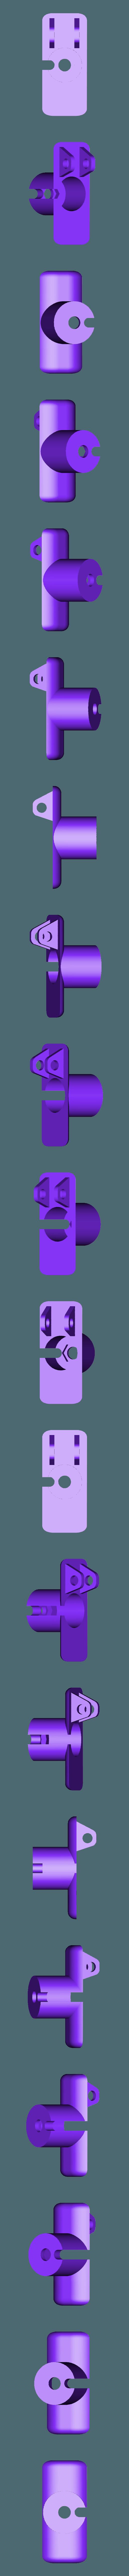 scupperbottom.stl Télécharger fichier STL gratuit Moken (Kayak) Support de dalot pour transducteur • Modèle pour impression 3D, LilMikey